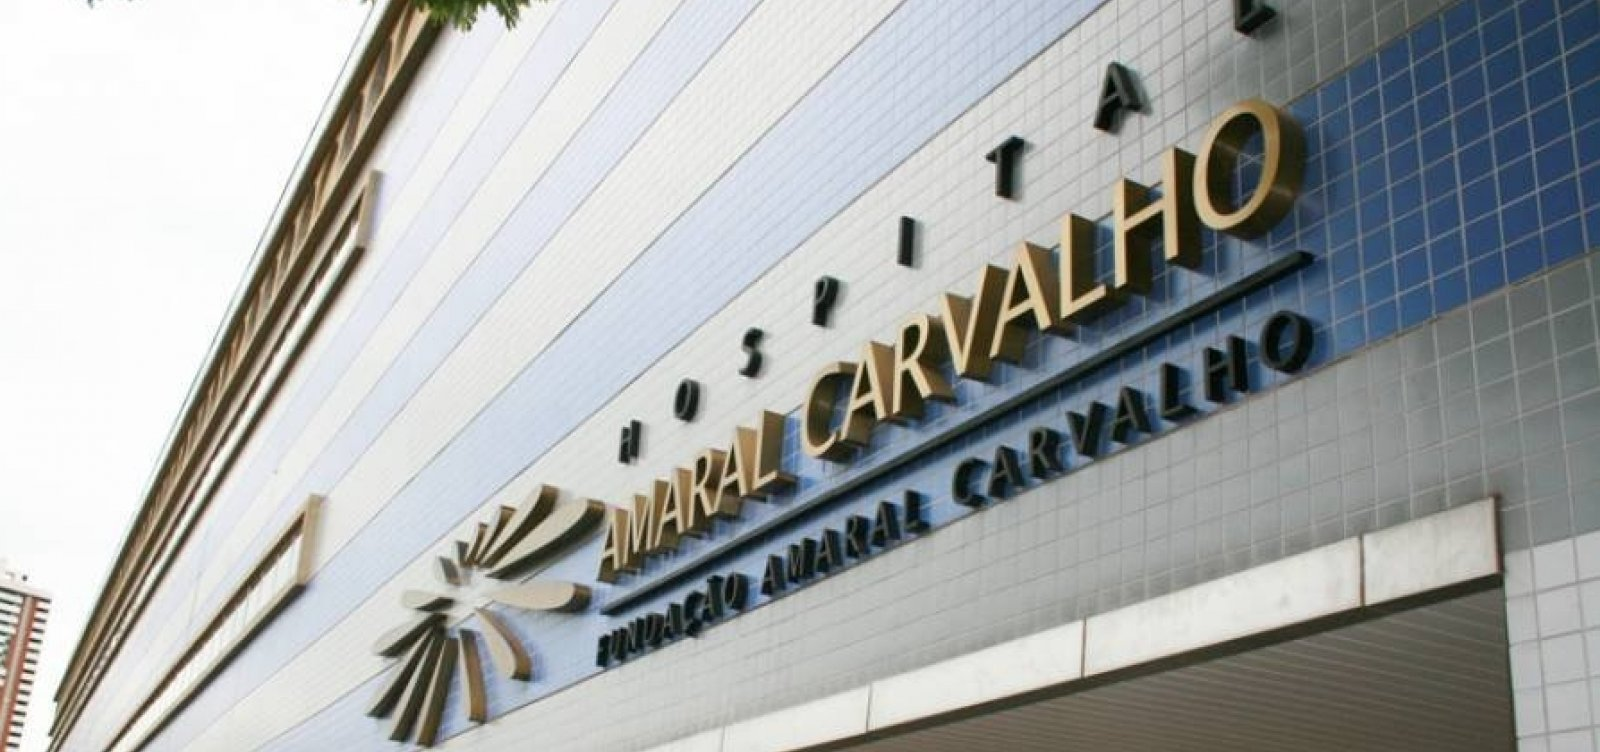 [Hospital suspende atendimento após mais de 20 funcionários contraírem sarampo]